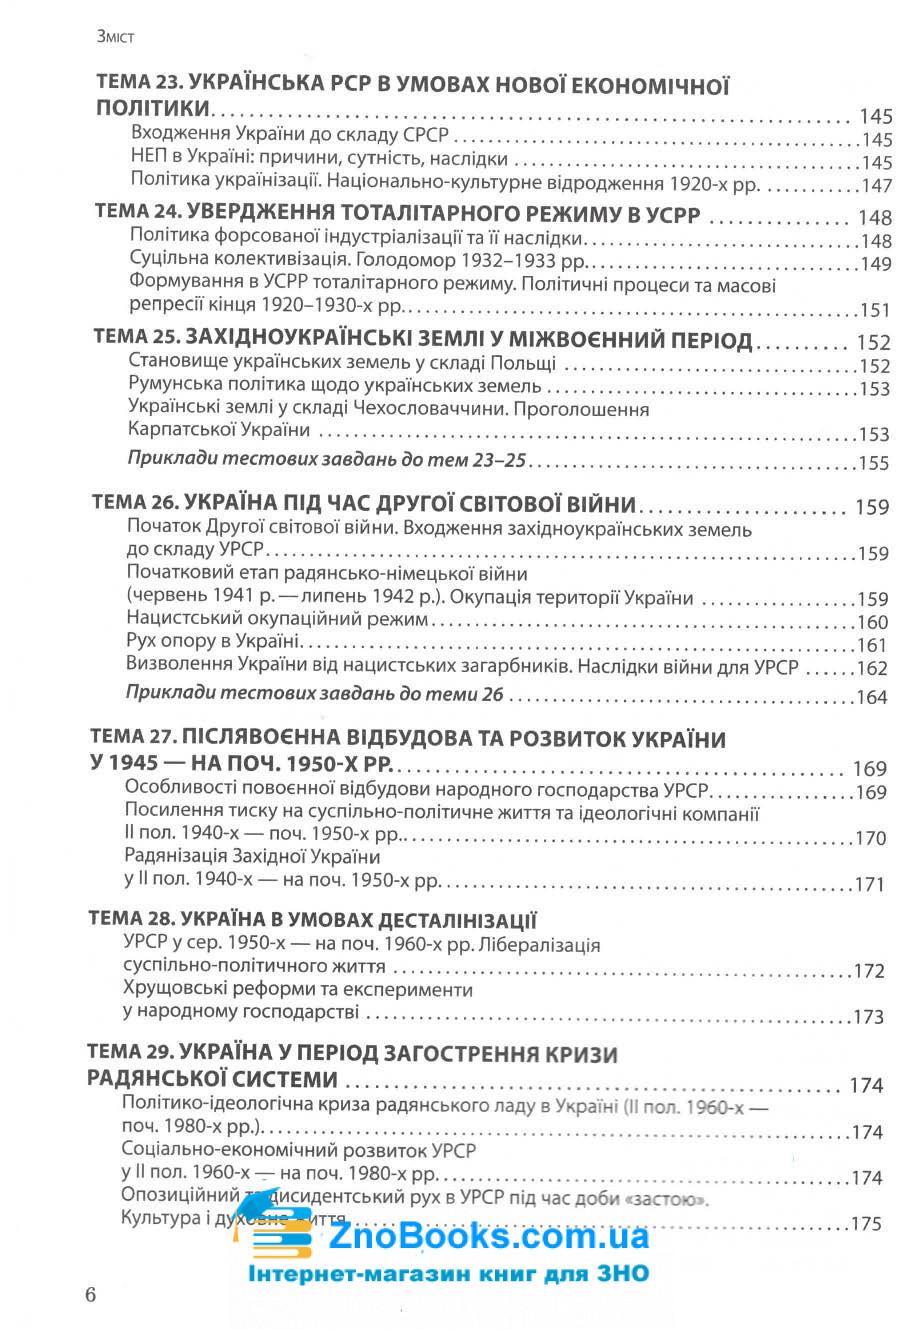 Експрес-підготовка до ЗНО. Історія України : Дедурін Г. Асса. купити 6